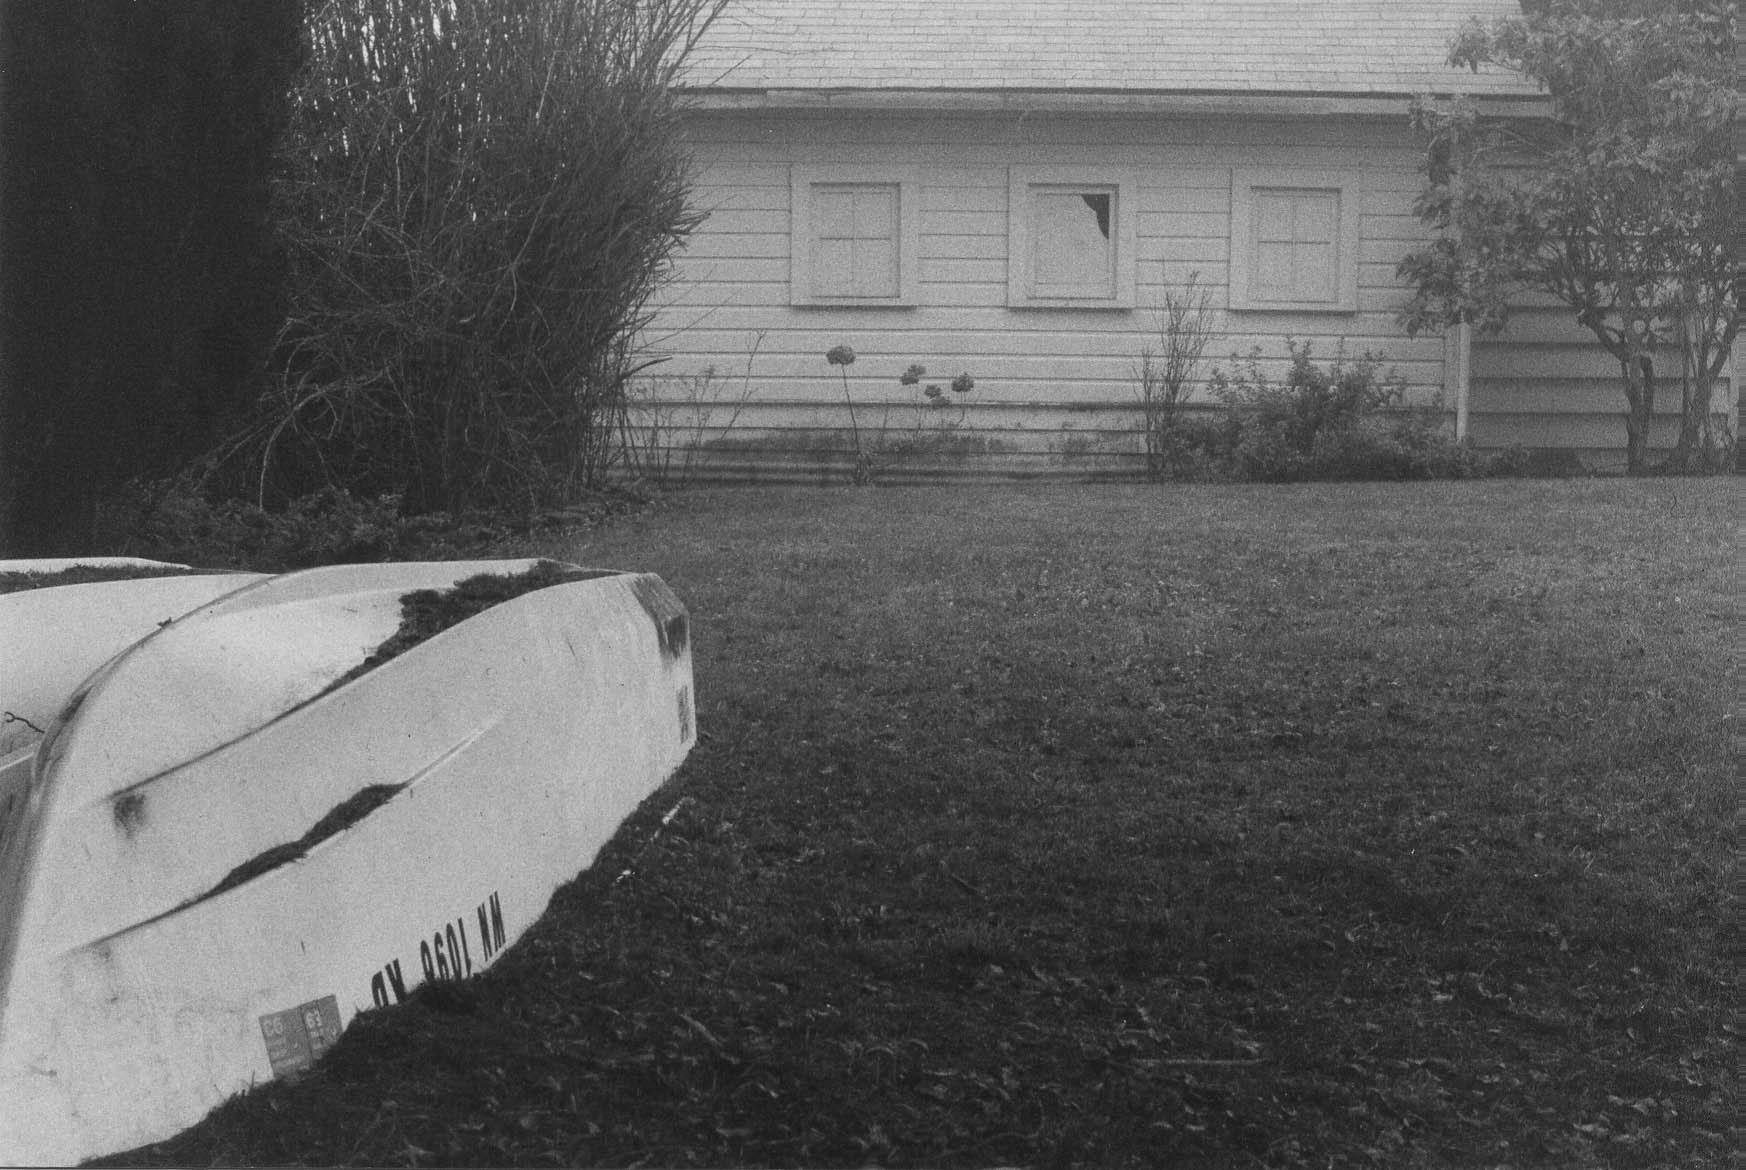 Boat, Ballard